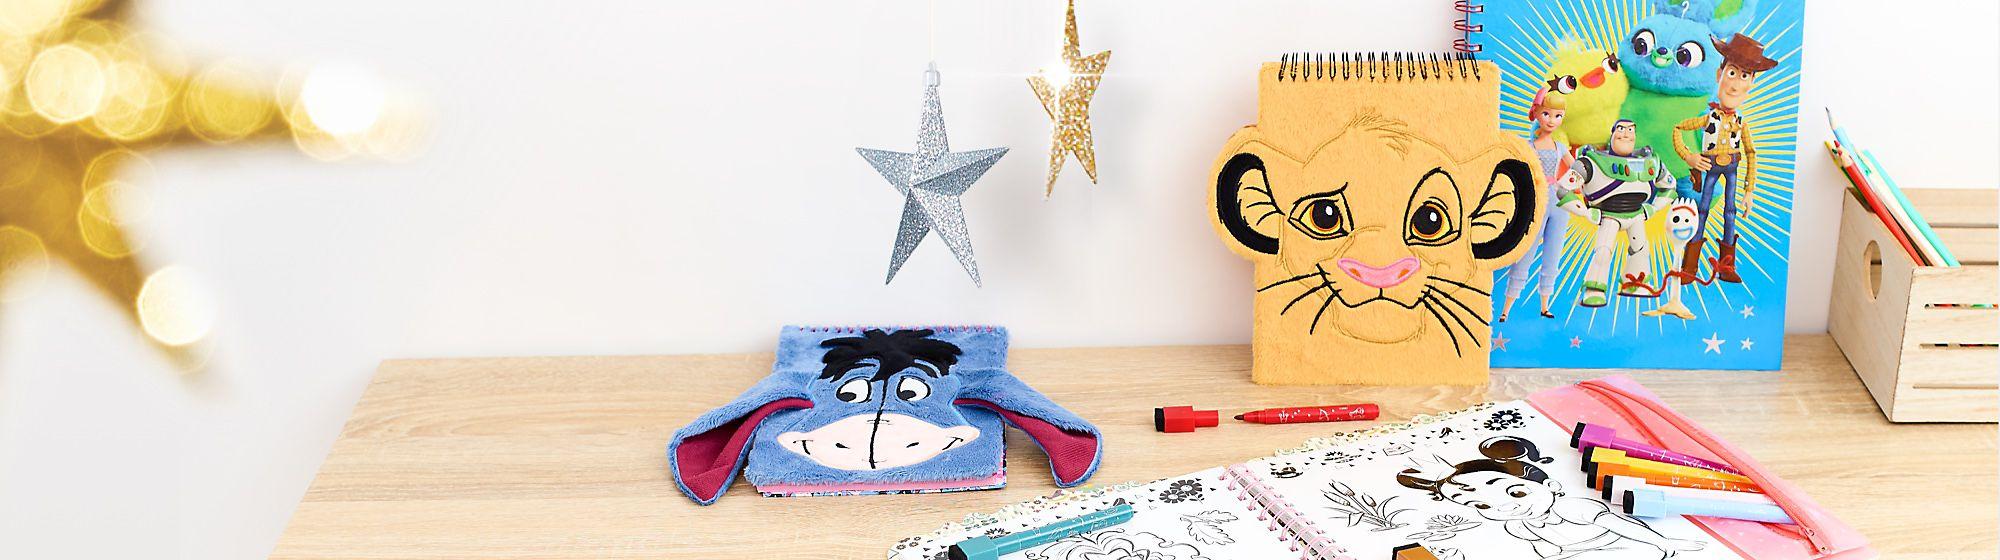 Papeterie Découvrez les articles de papeterie Disney : cahiers, crayons, kits de dessin… à l'effigie de Black Panther, R2-D2 ou encore Olaf. DÉCOUVRIR